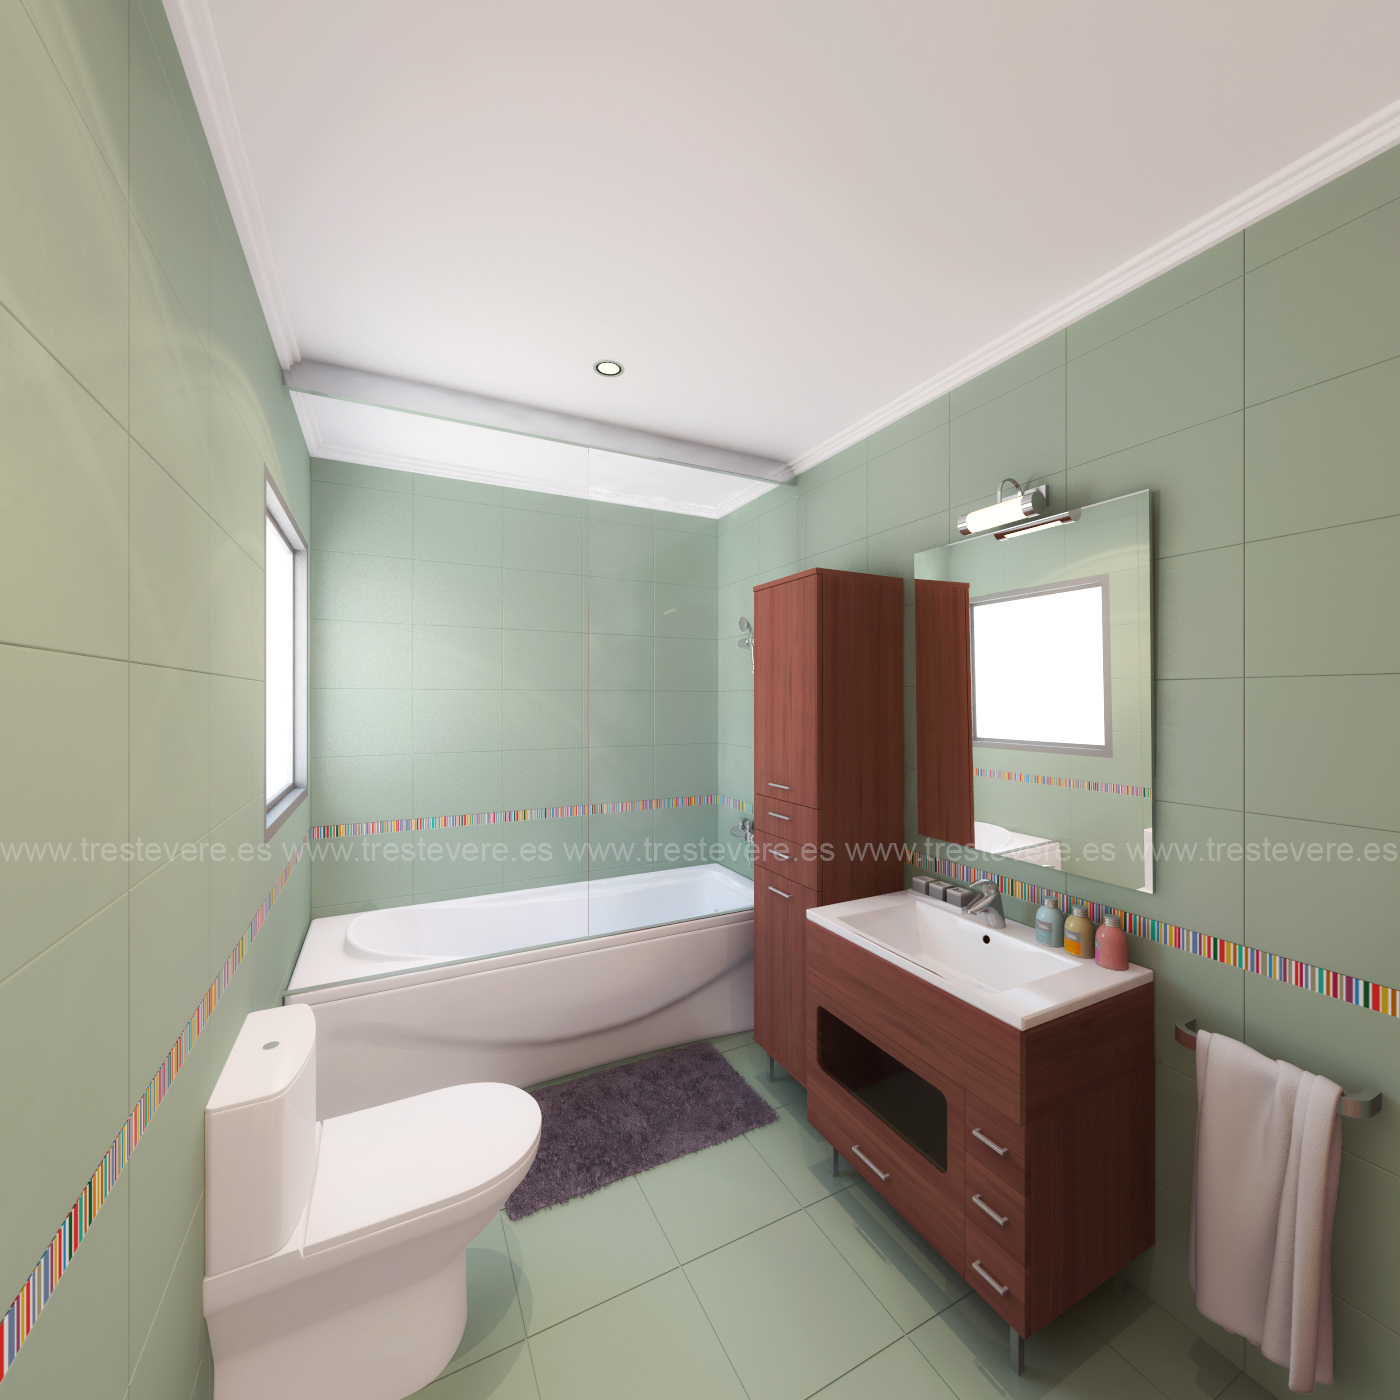 baño 3D acabado 02